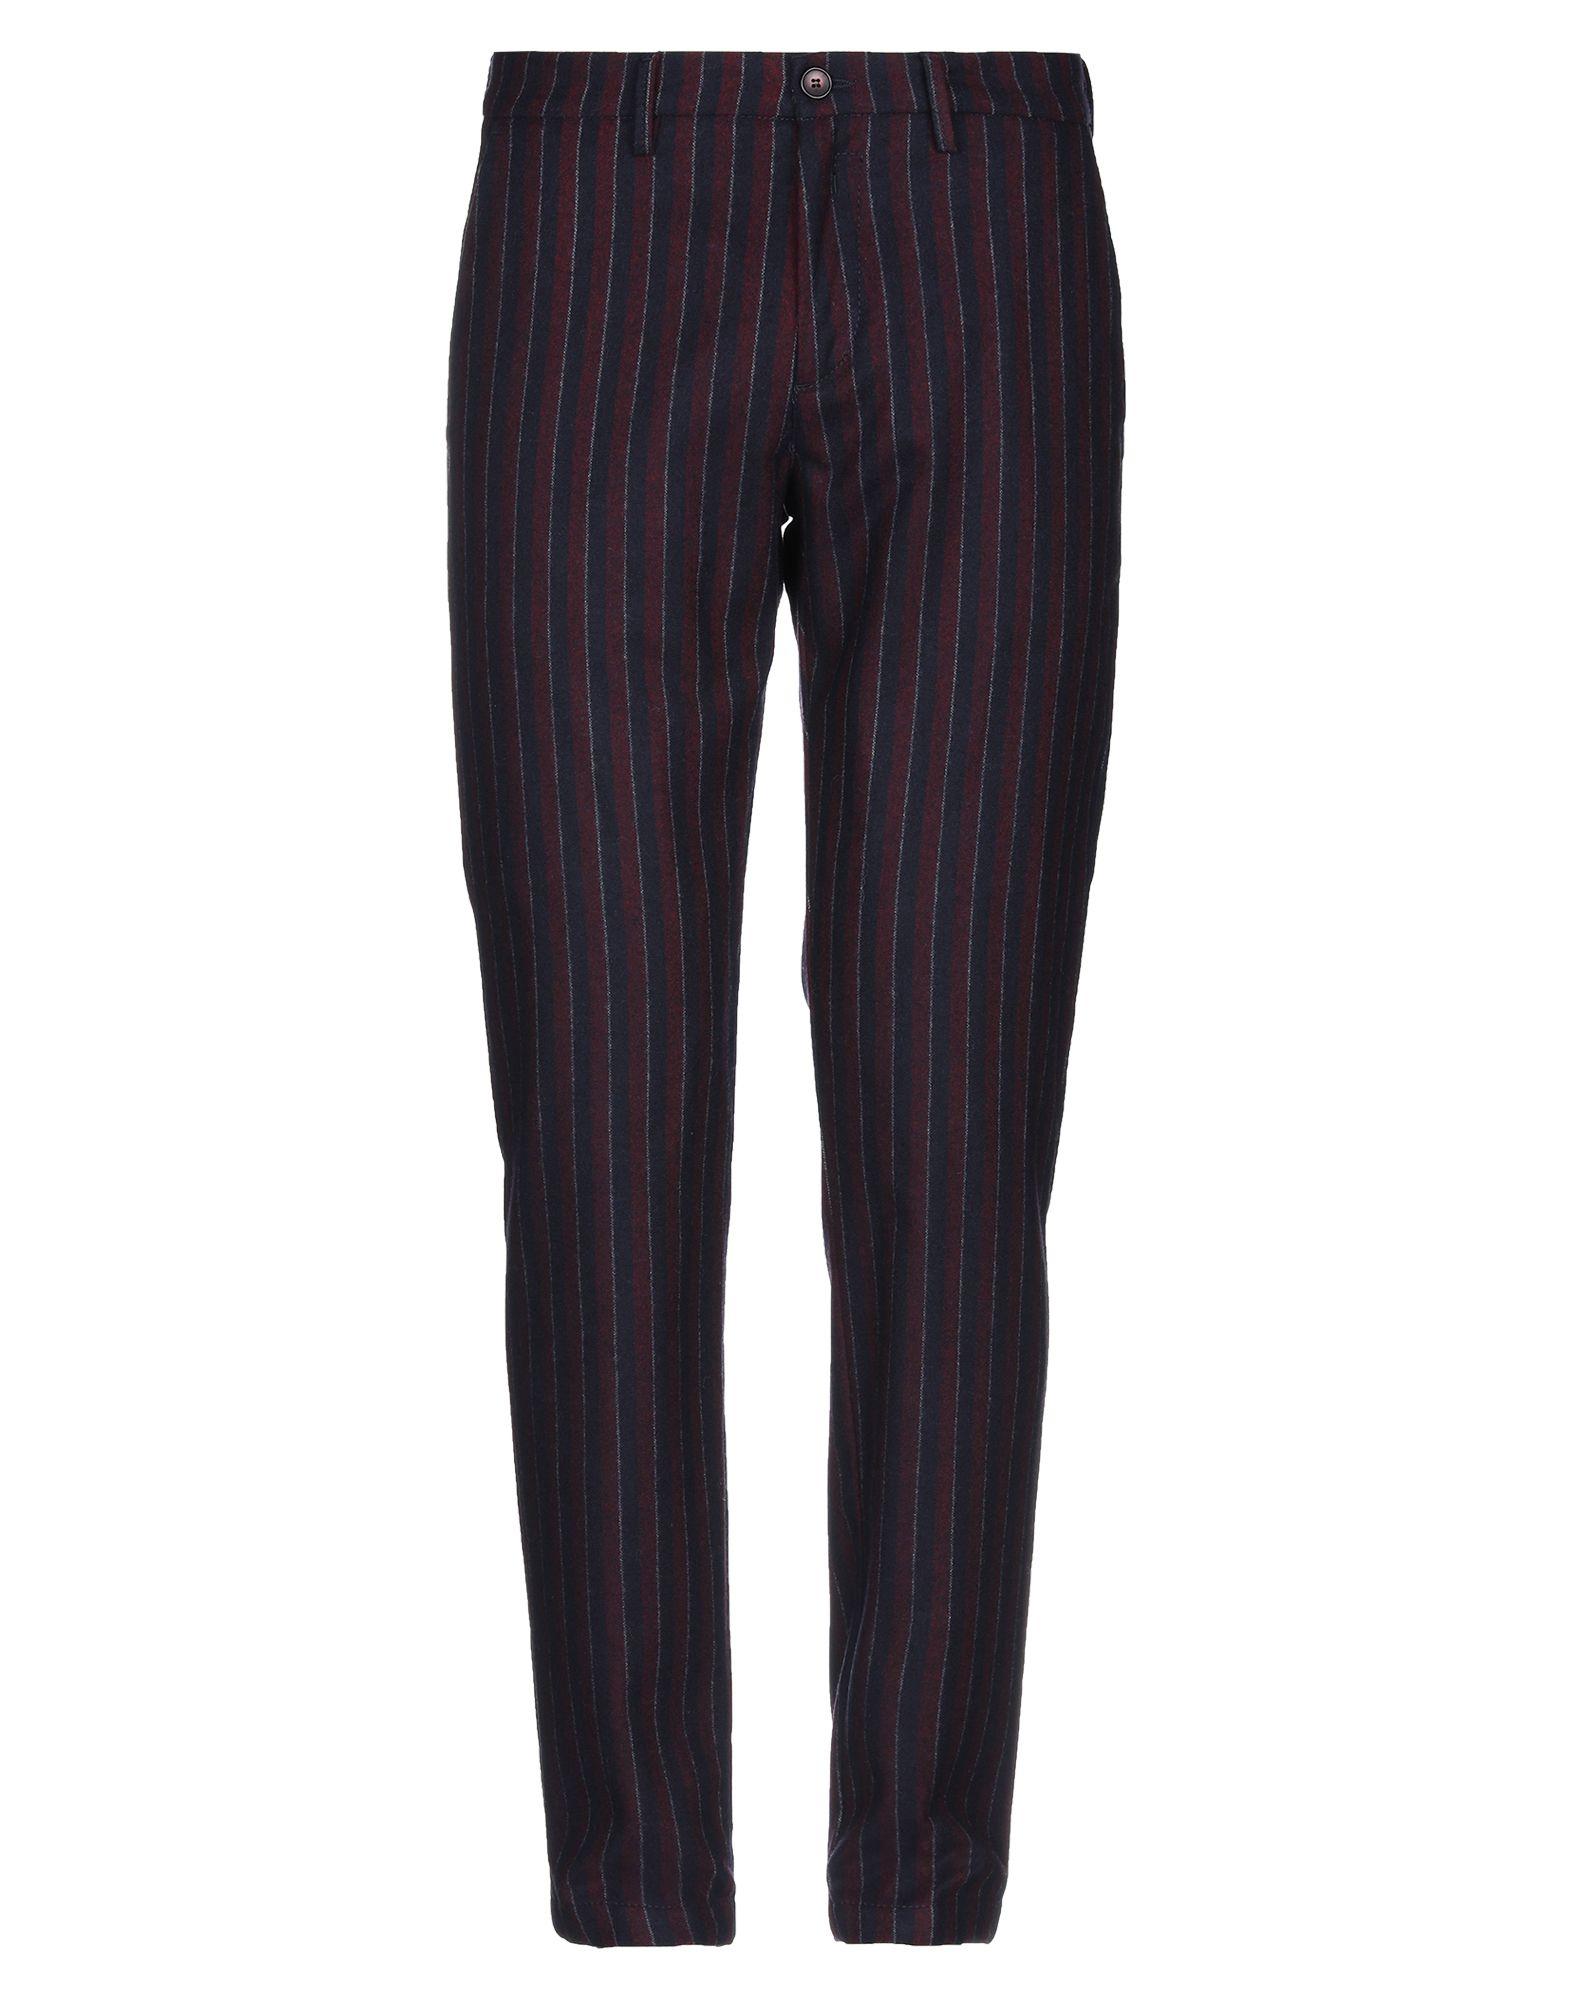 C+ PLUS Повседневные брюки nocturne 22 in c sharp minor op posth повседневные брюки